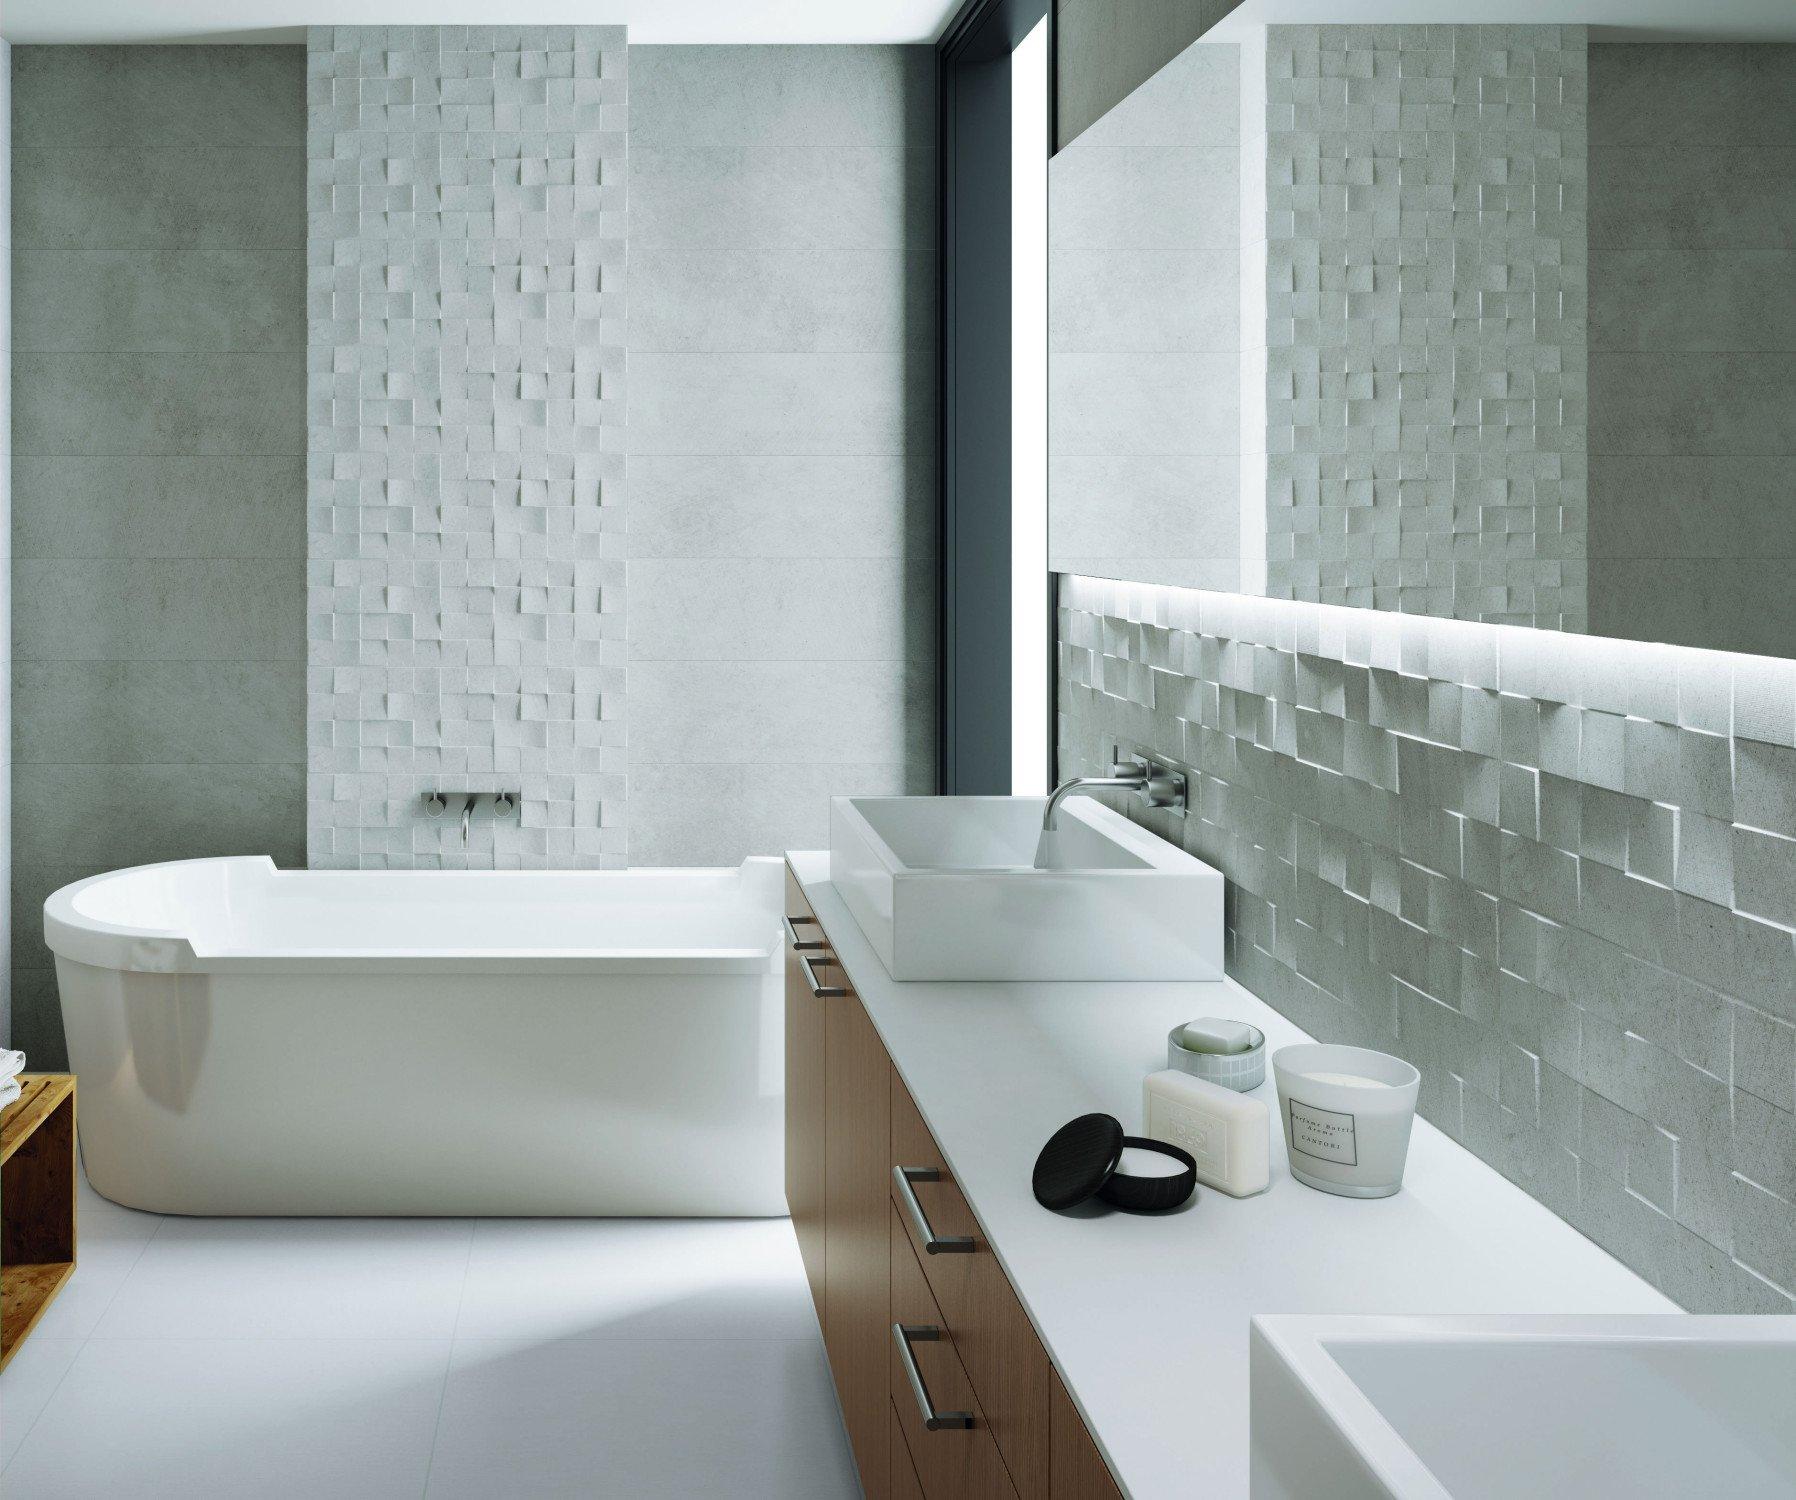 k chen und b der fliesen und platten einsatzbereiche baunetz wissen. Black Bedroom Furniture Sets. Home Design Ideas